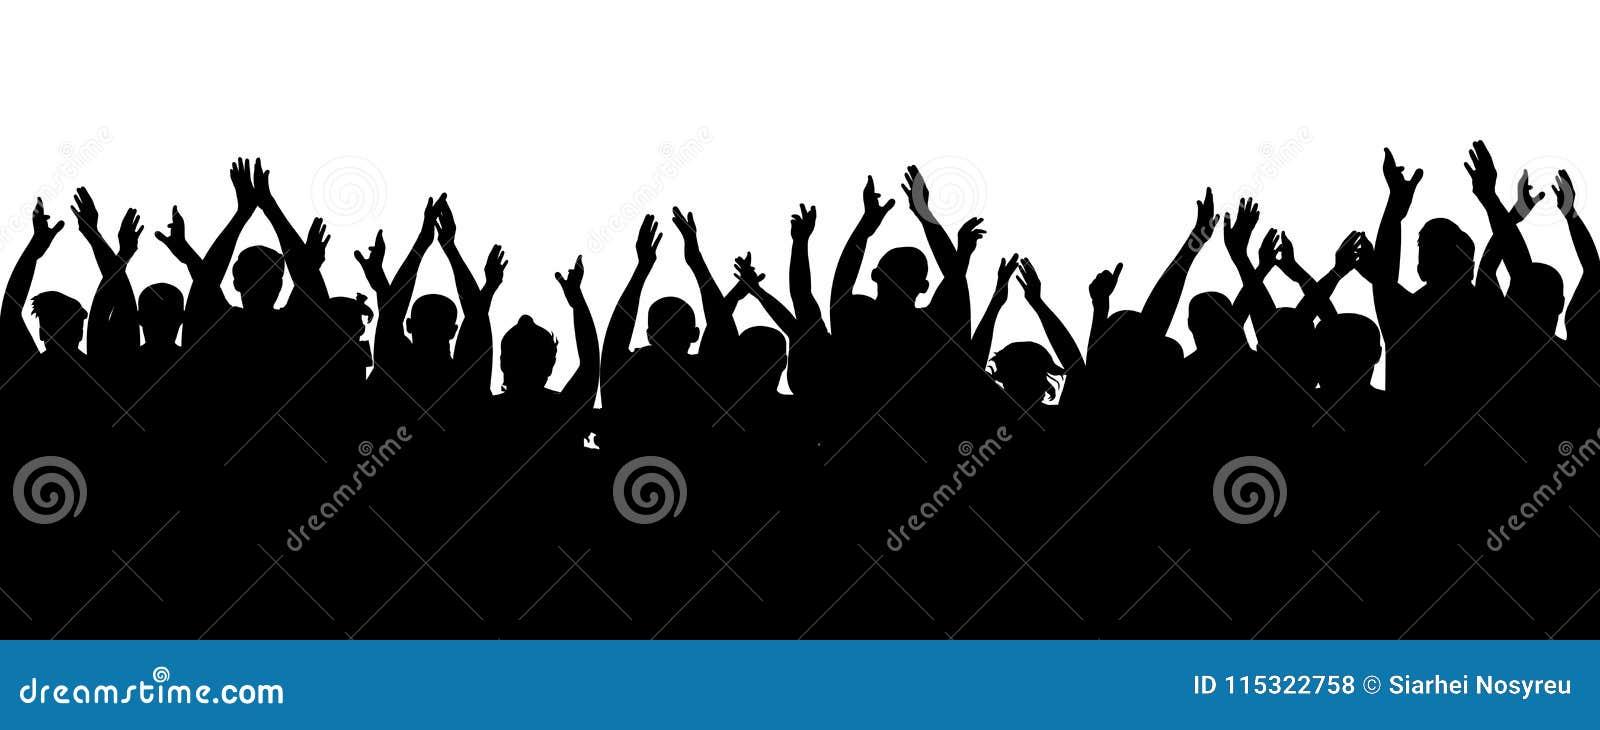 Ακροατήριο επιδοκιμασίας Εύθυμοι ανεμιστήρες όχλου που επιδοκιμάζουν, χτύπημα Άνθρωποι πλήθους ενθαρρυντικοί, χέρια ευθυμίας επάν